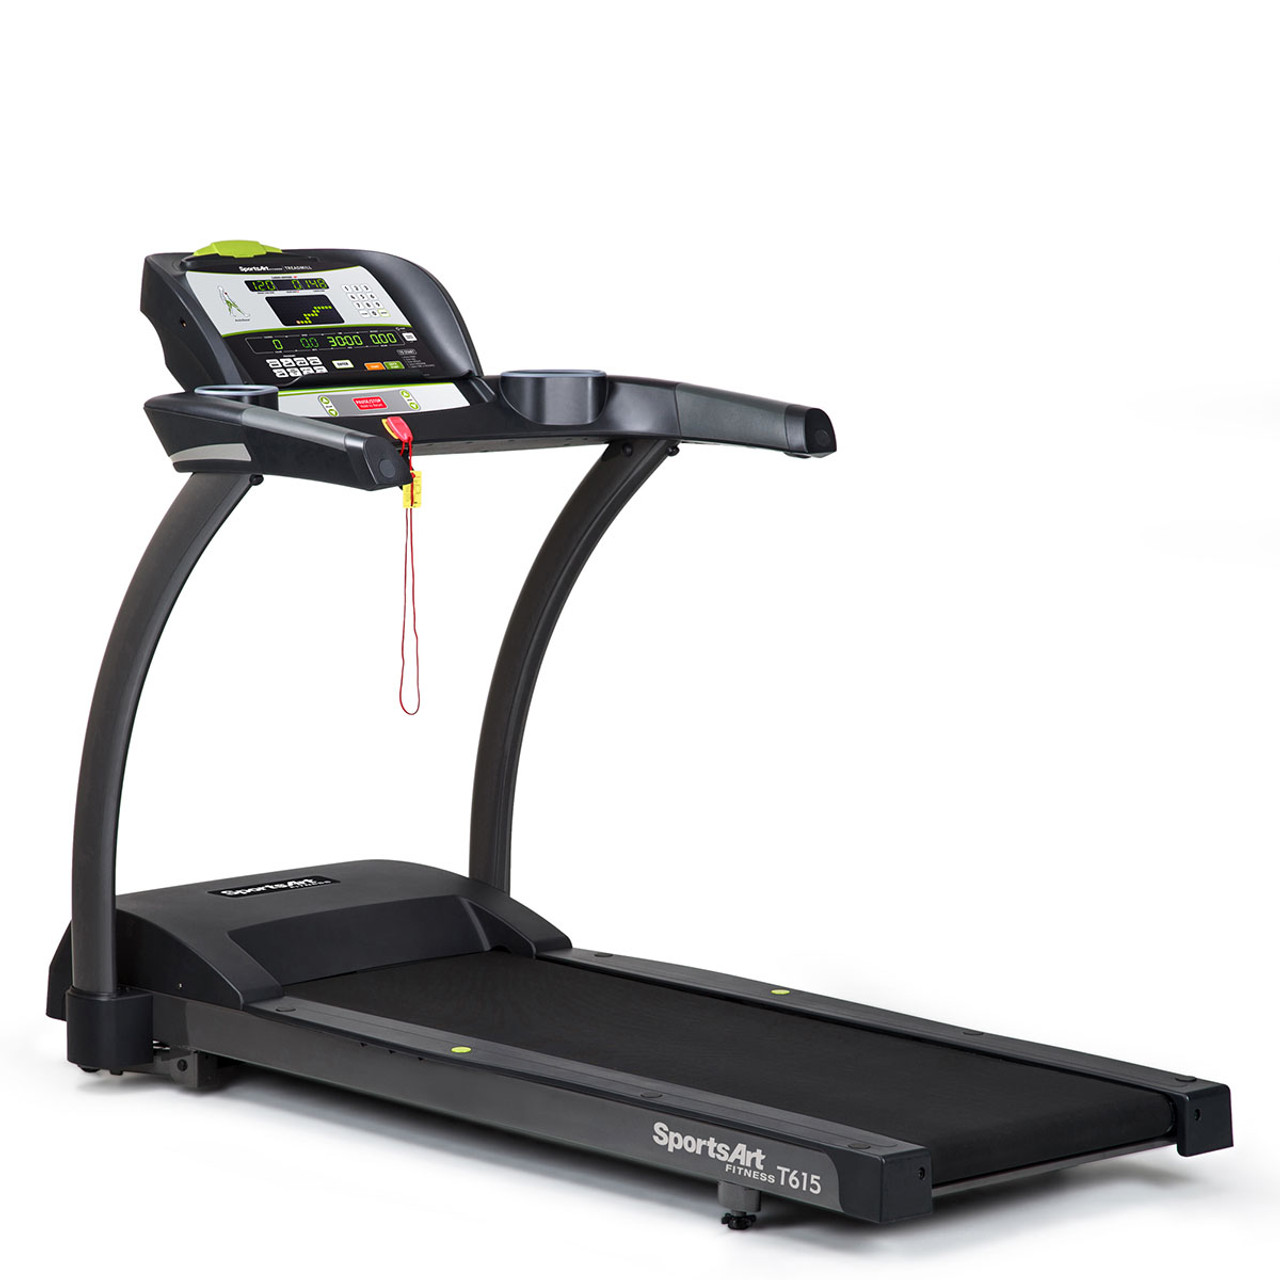 SportsArt Fitness T615 Treadmill